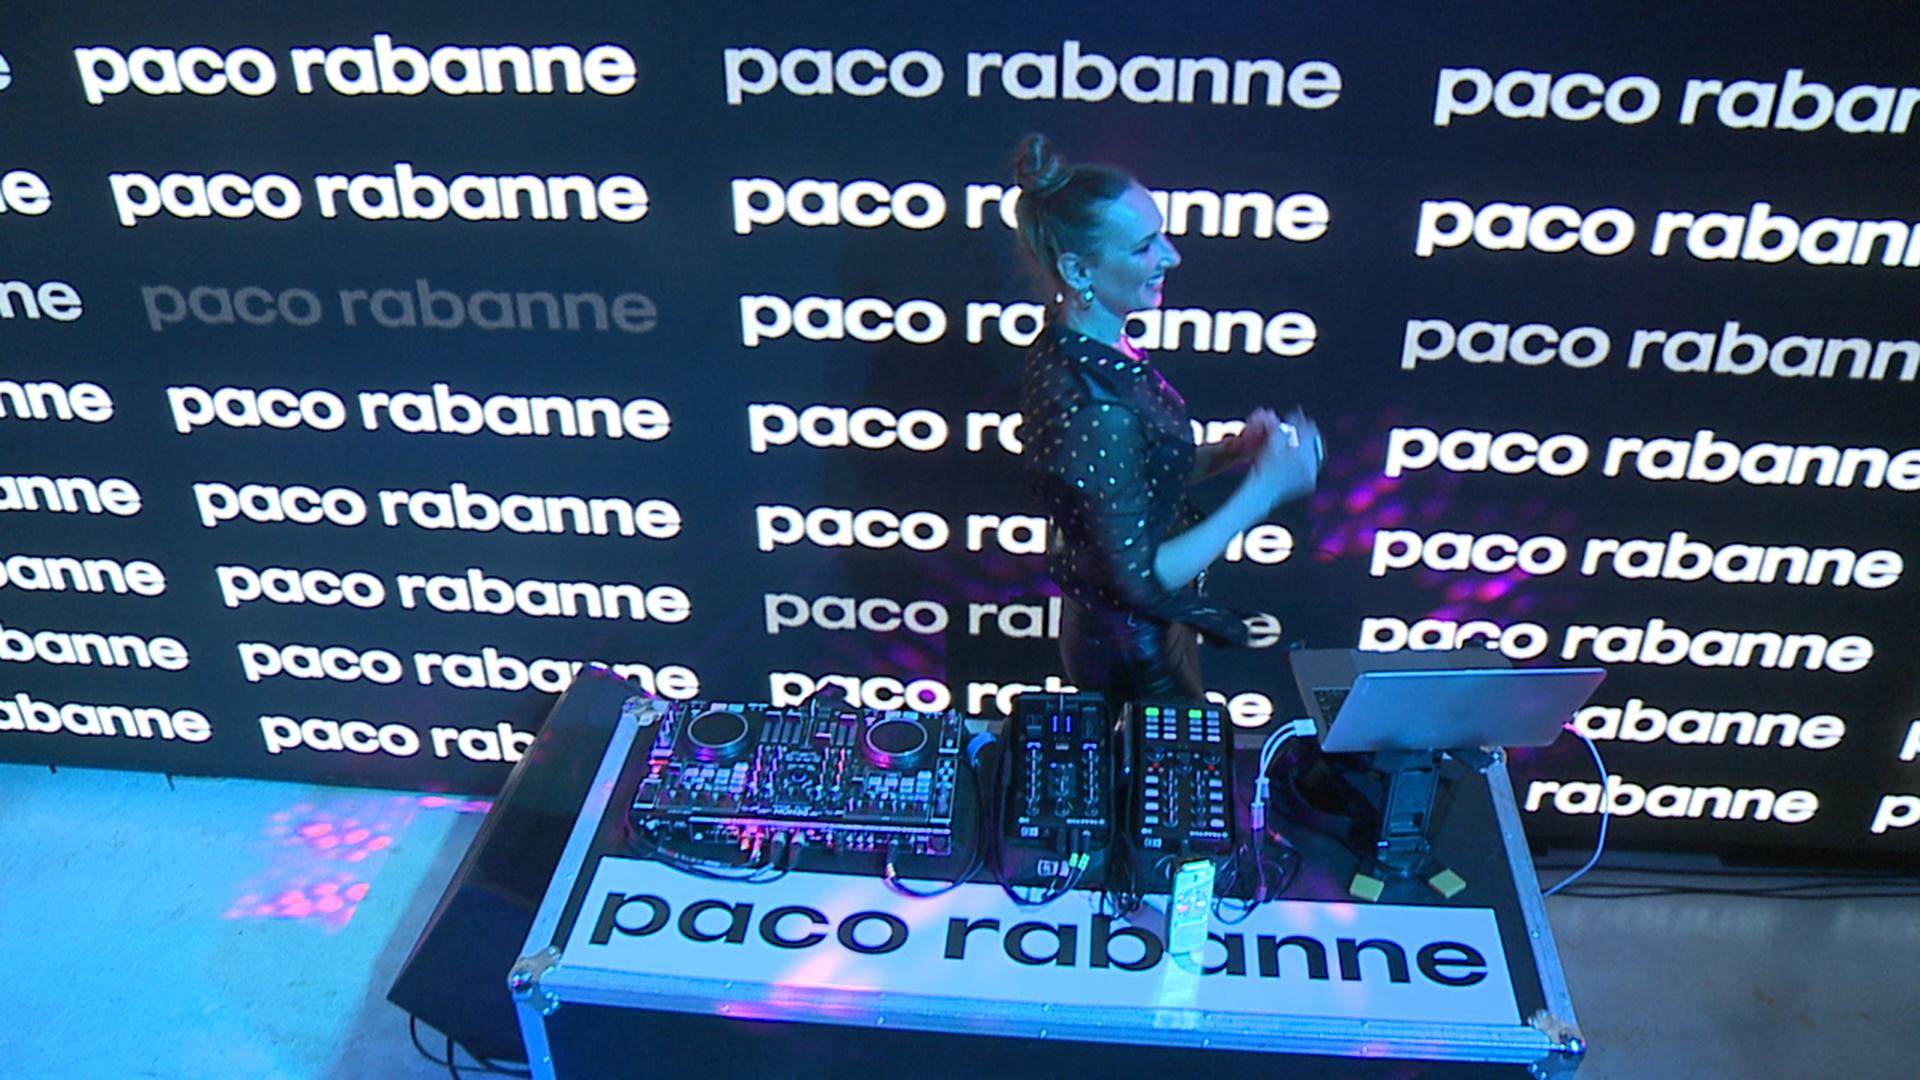 Paco Rabanne realizó su primer evento digital en Argentina (1)